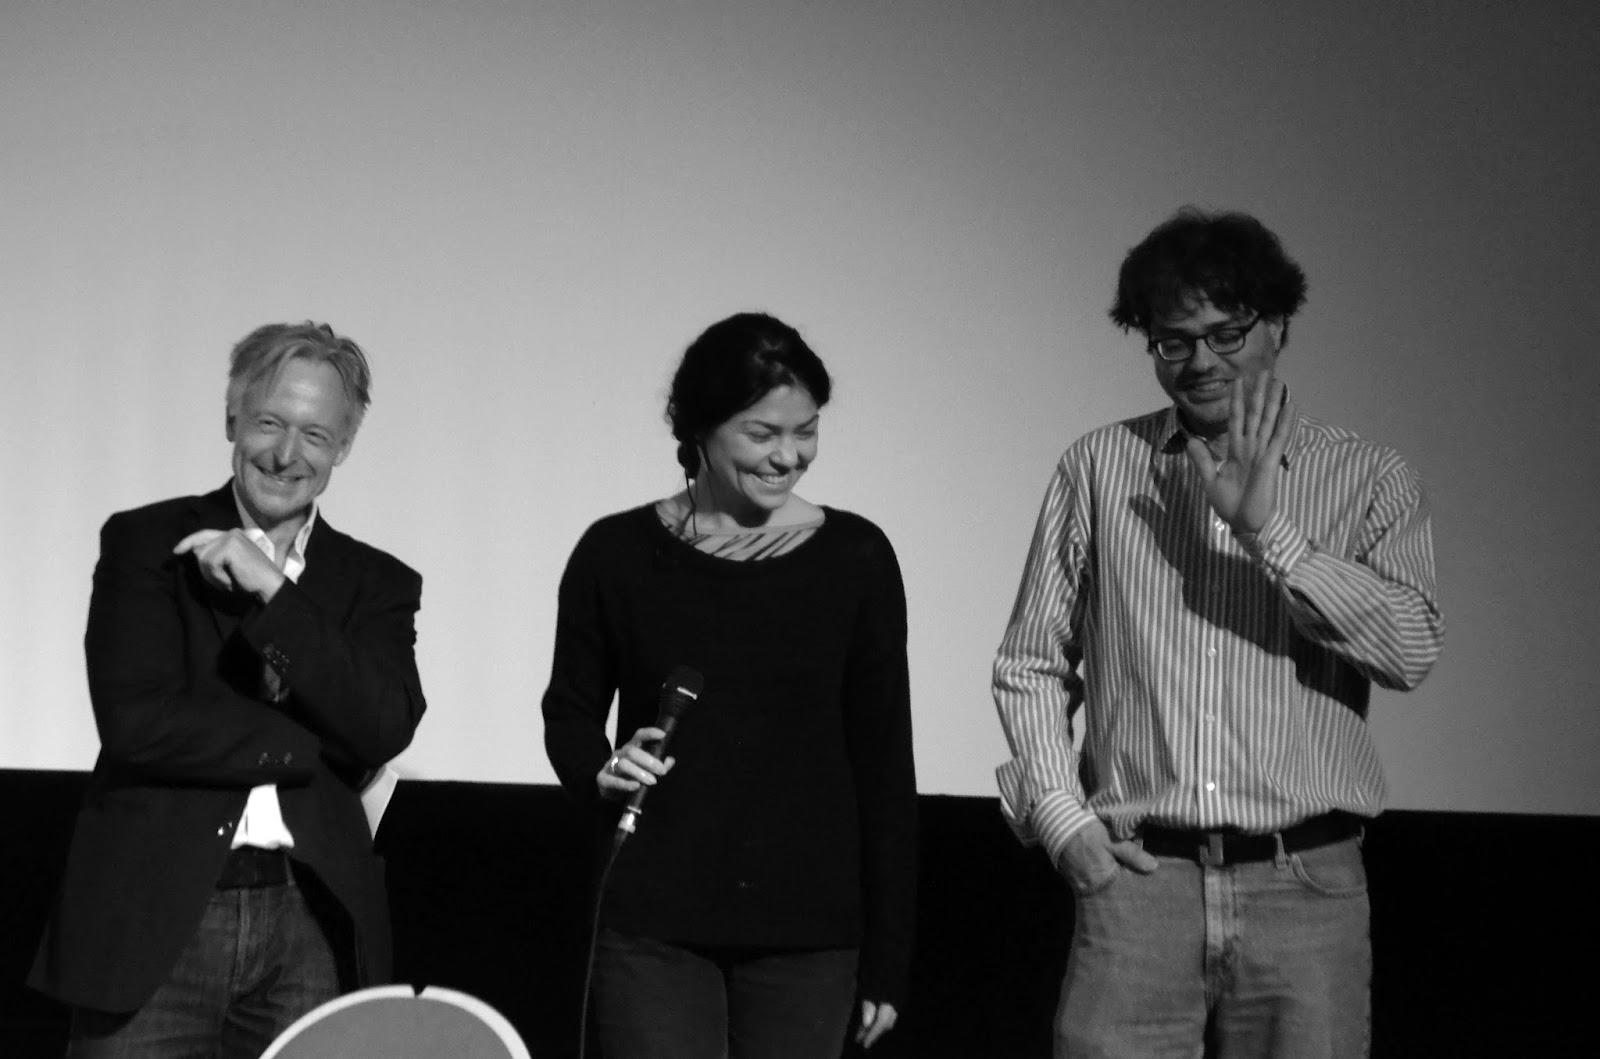 On stage: Olaf Stüber, Julieta Aranda and Ivo Wessel